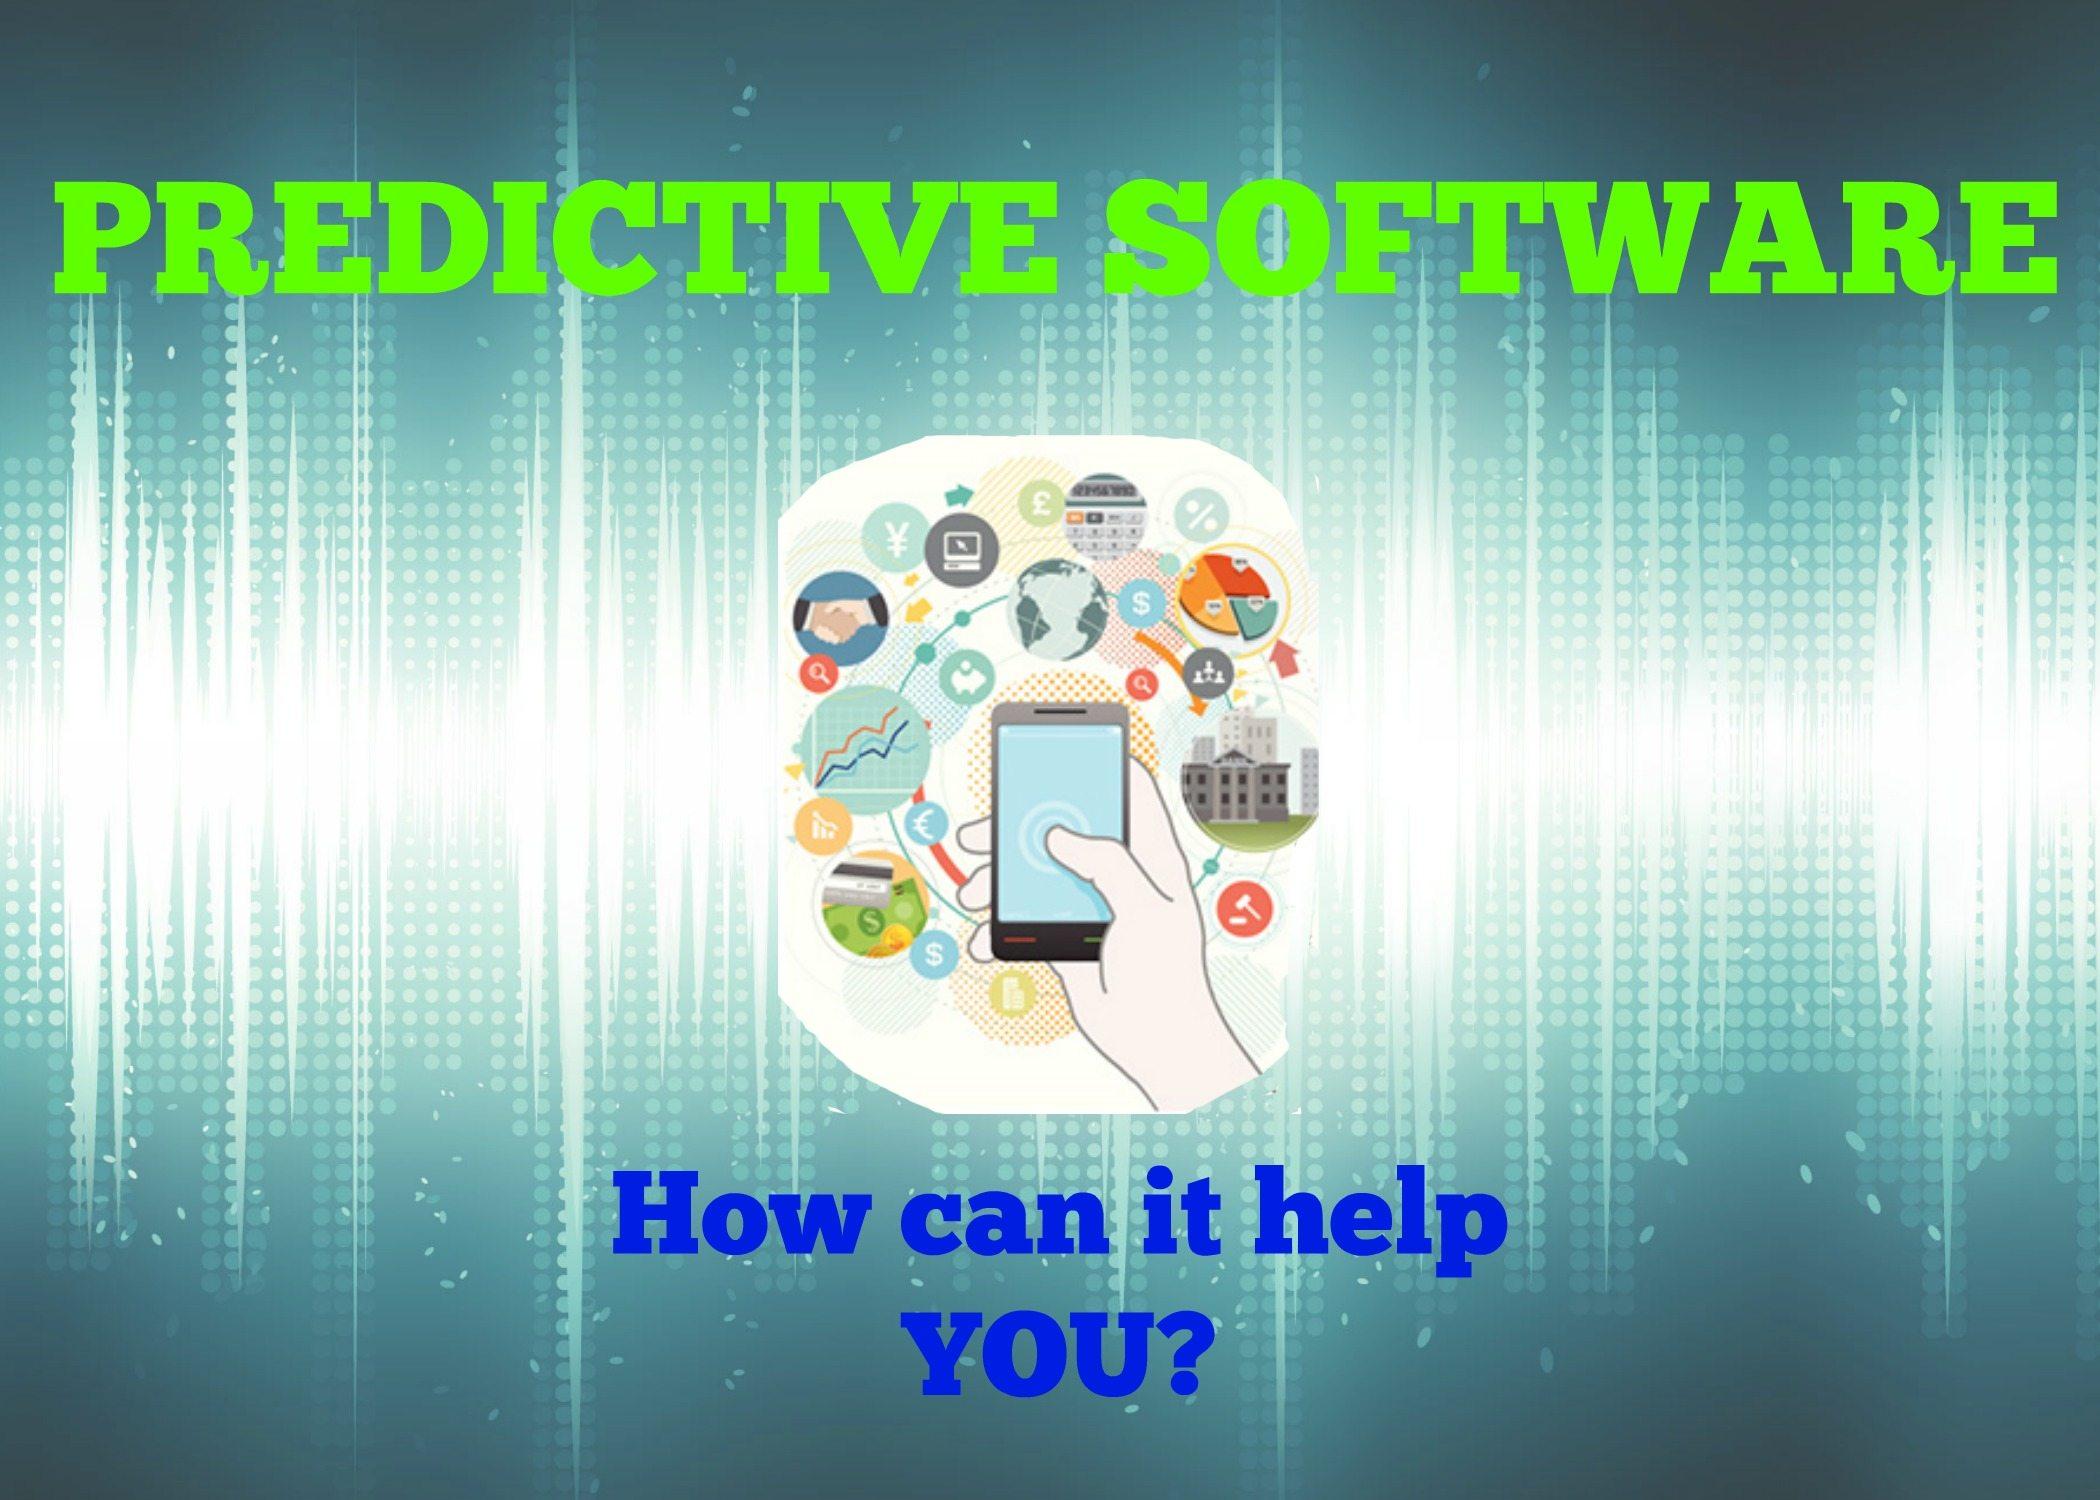 Predictivesoftware